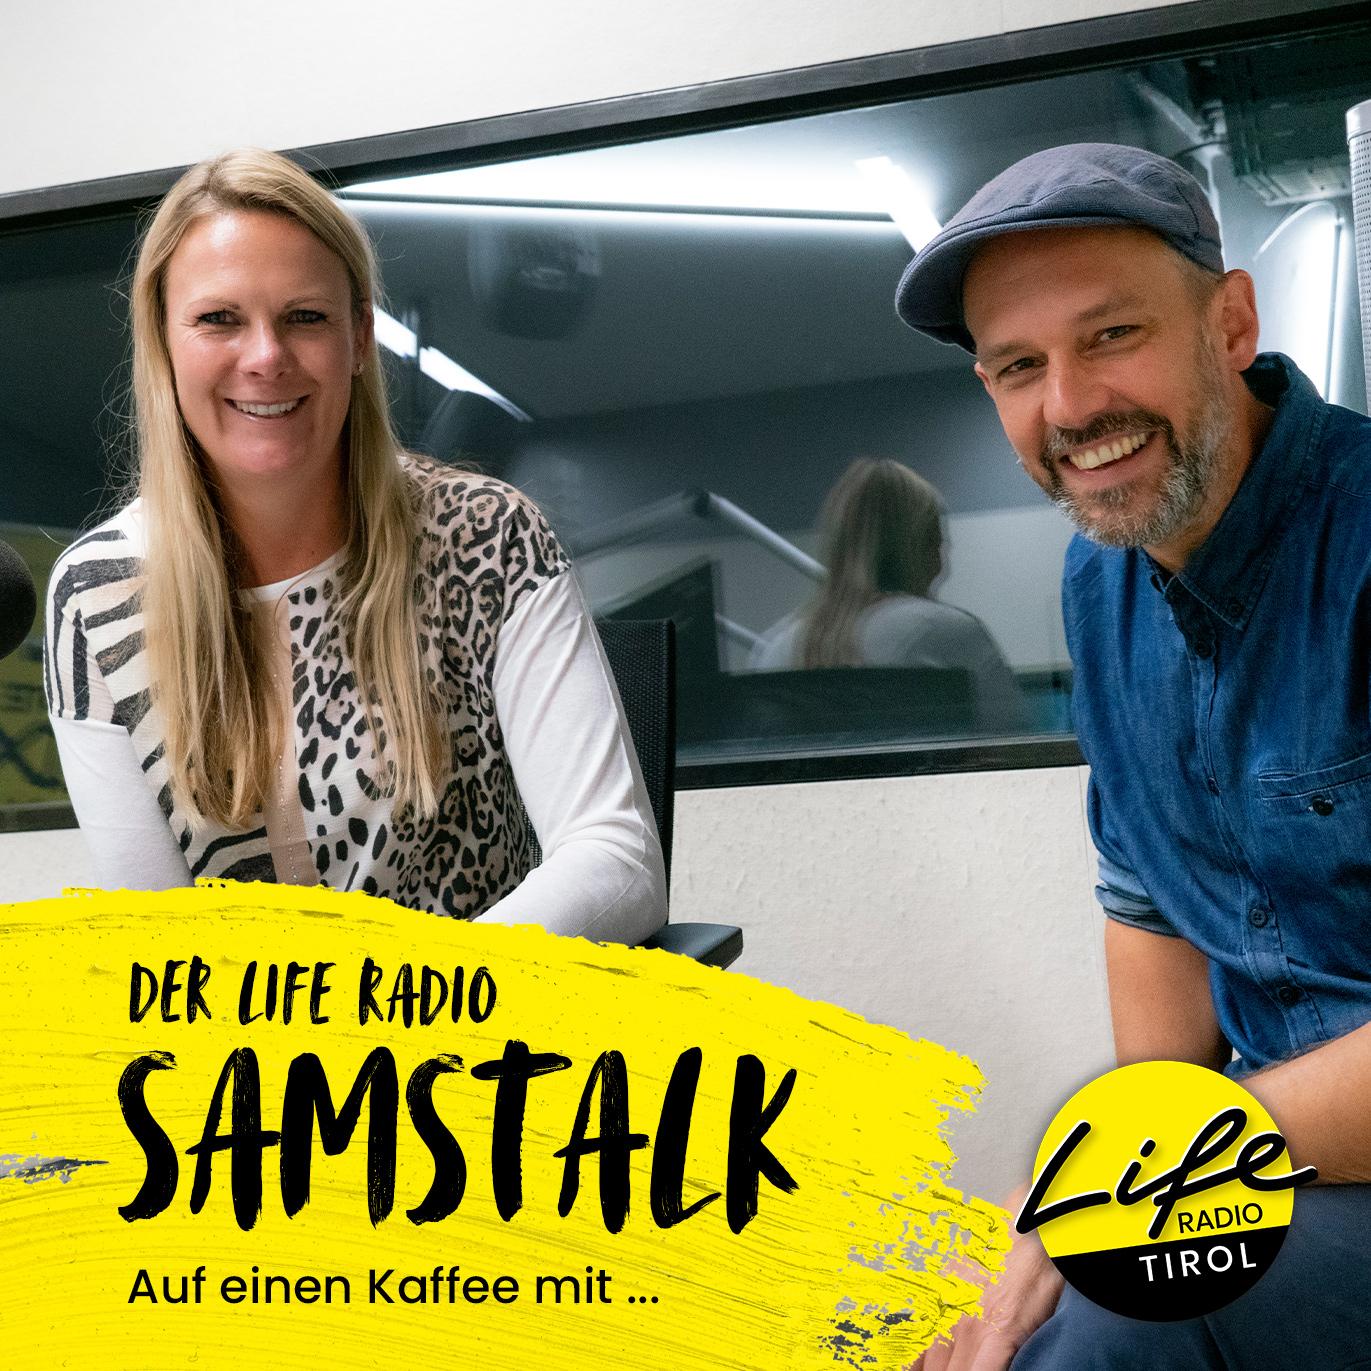 Auf einen Kaffee mit der ehemaligen Skirennläuferin Niki Hosp